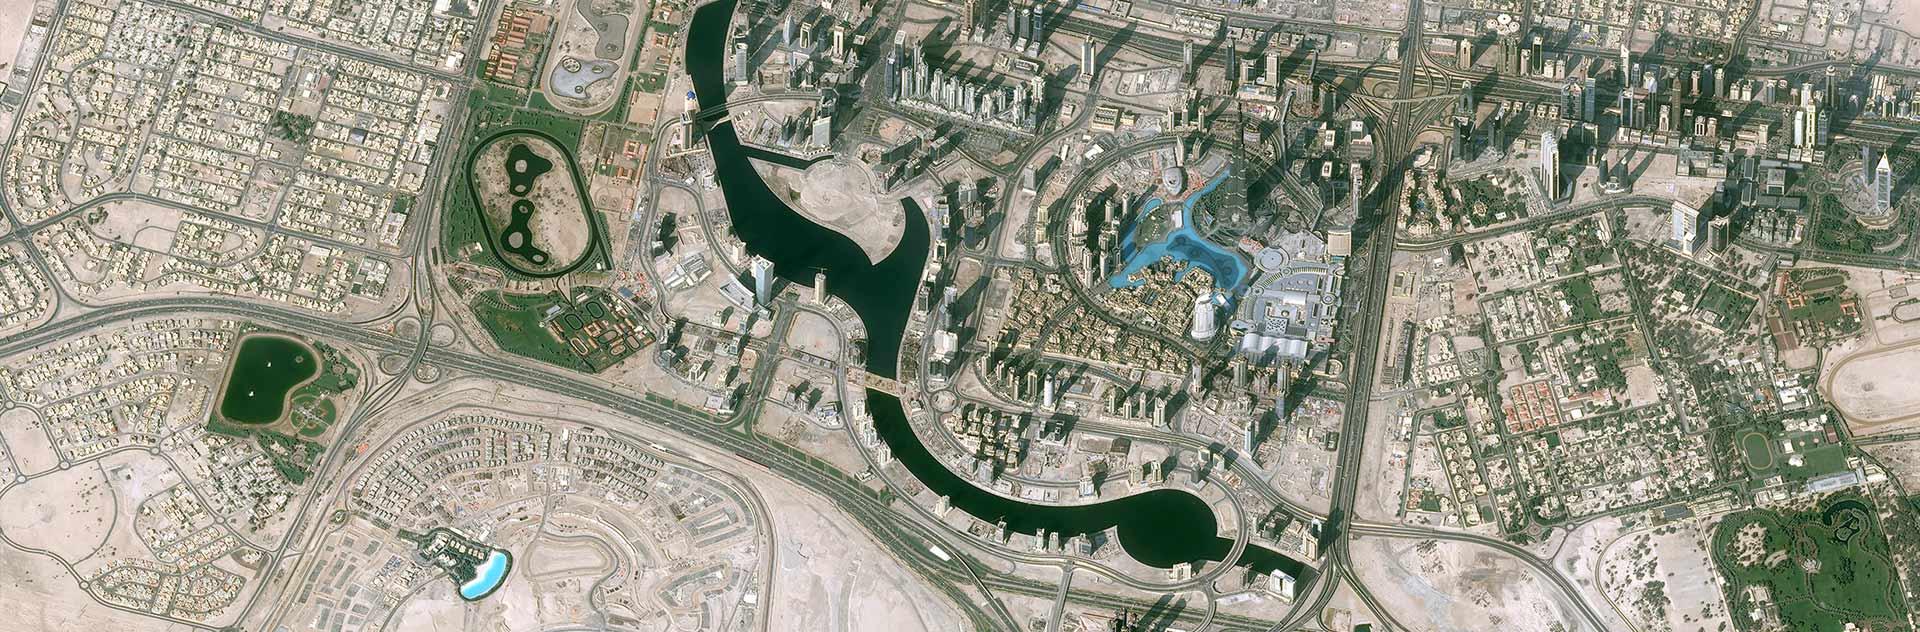 Pléiades Satellite Image - Downtown Dubai